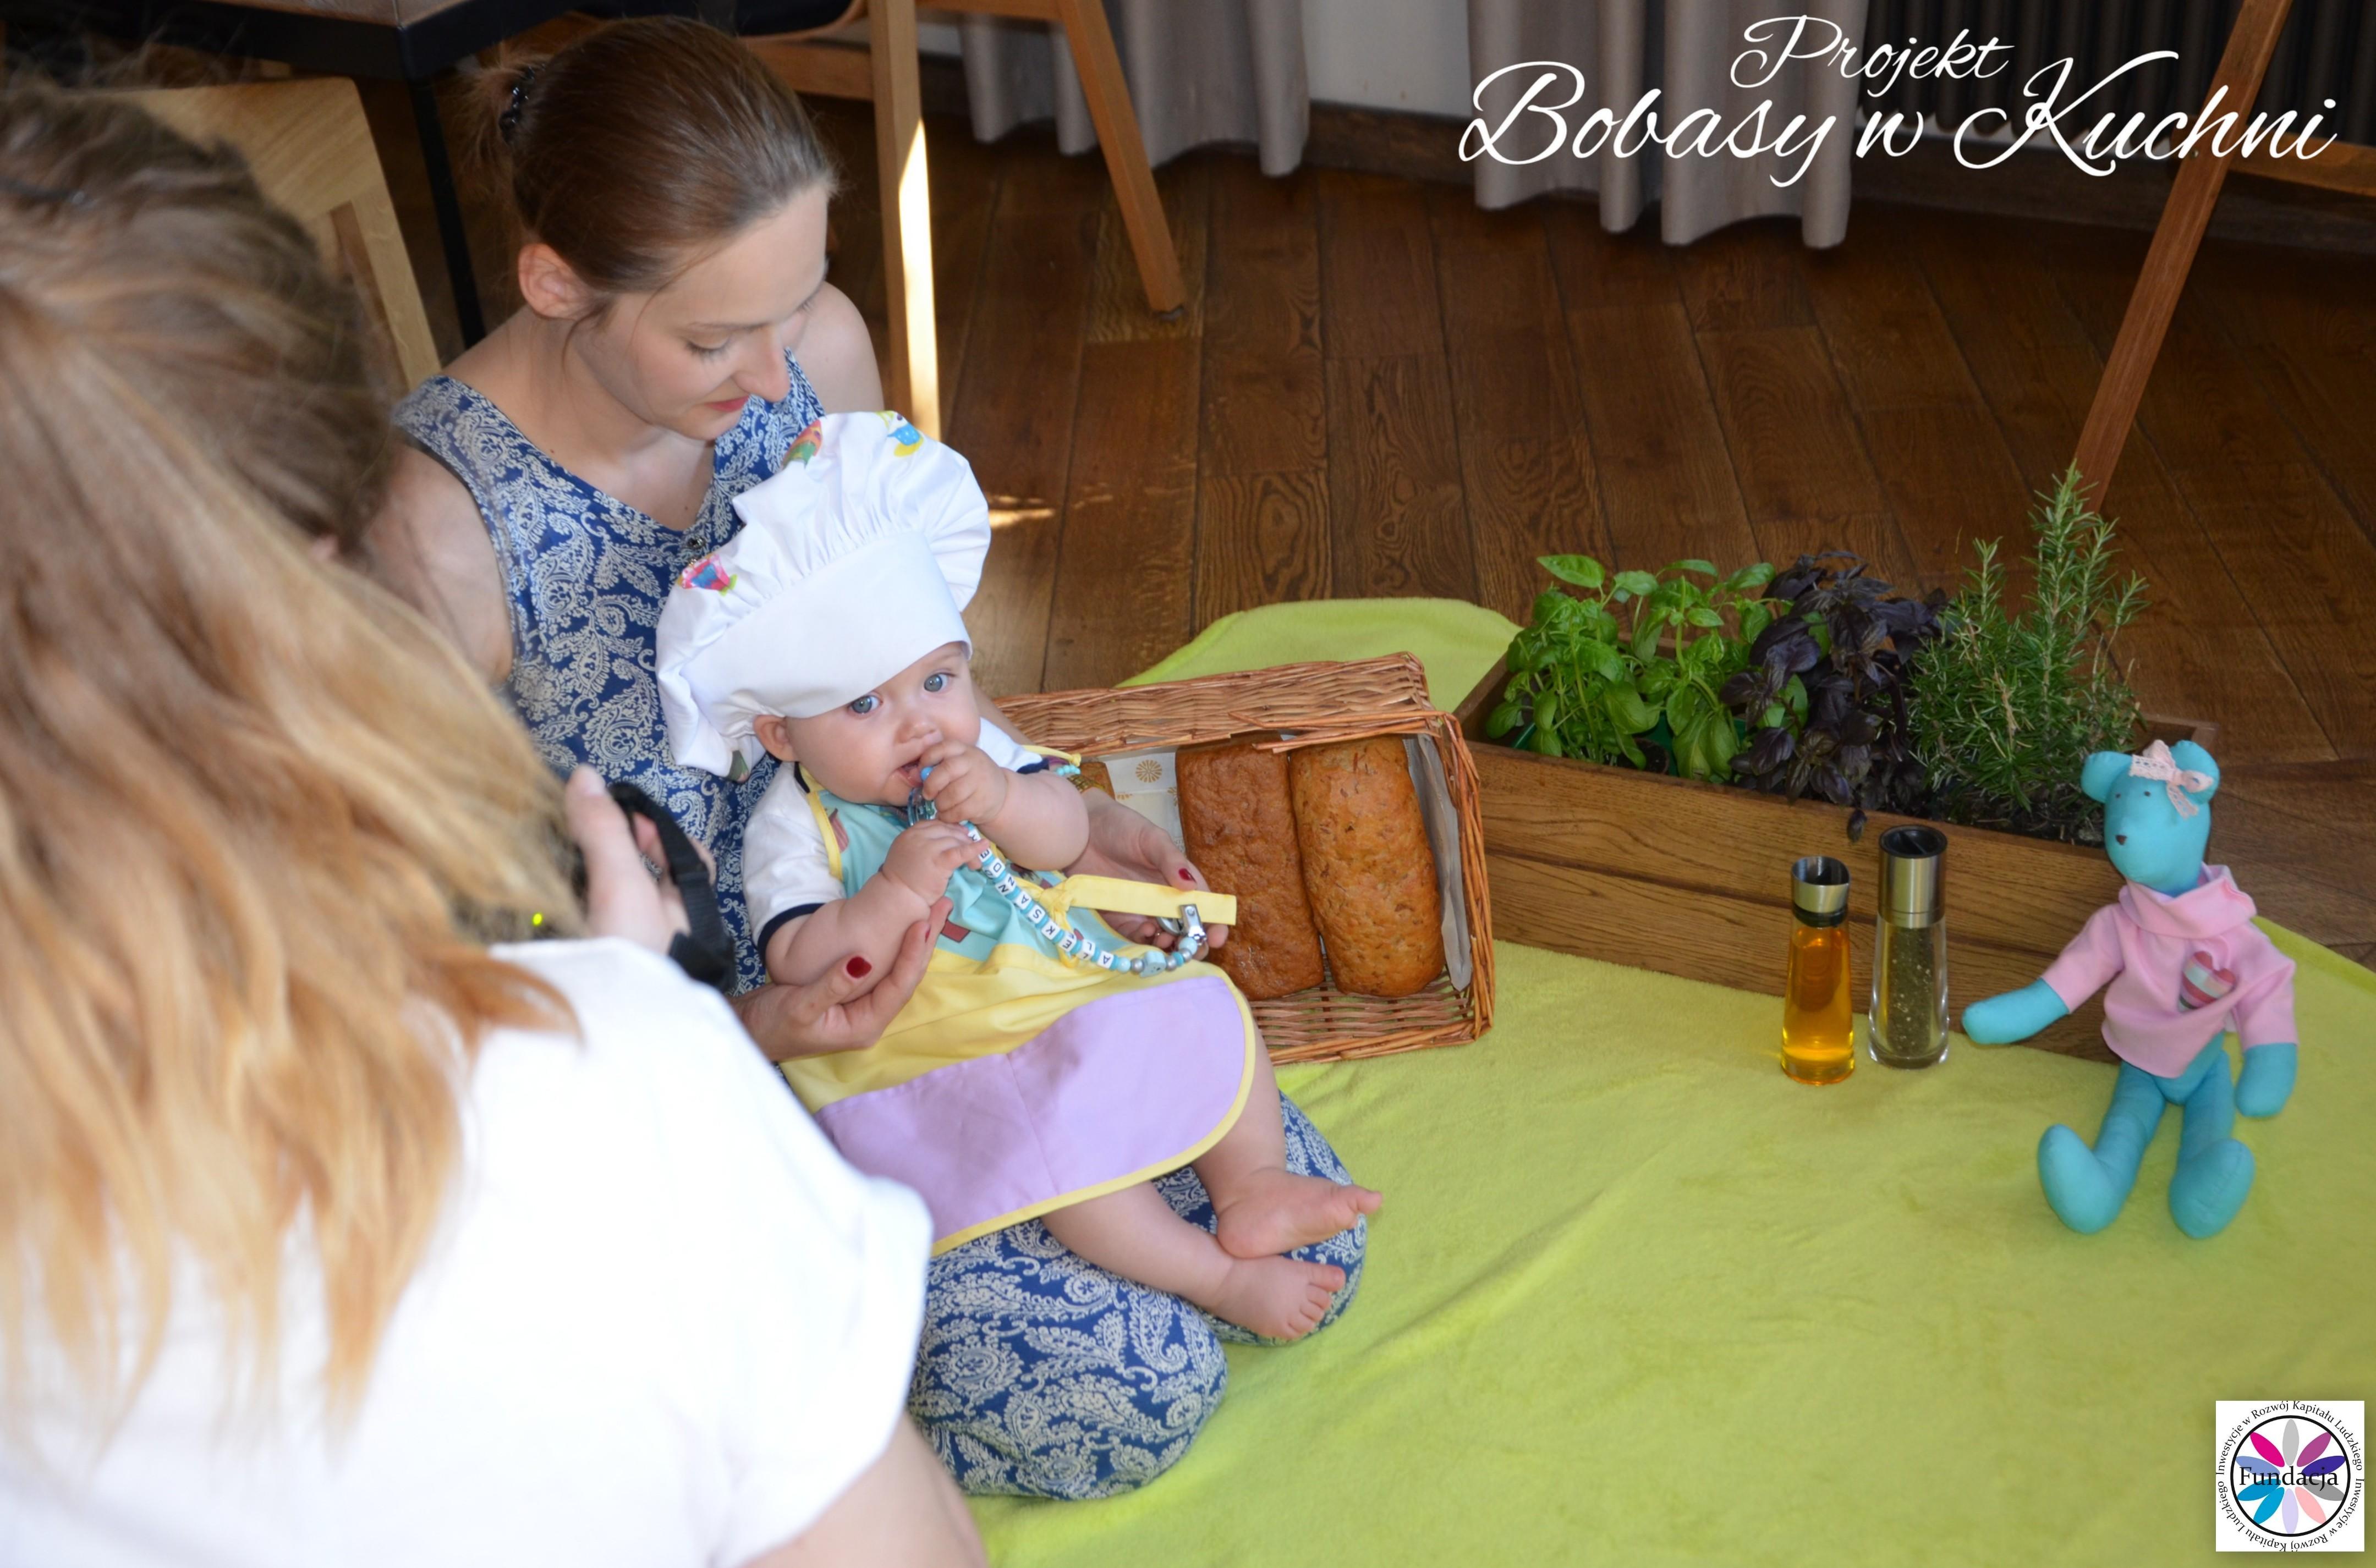 Wiktoria Olczak z Olkiem z projektu Bobasy w Kuchni sesja30